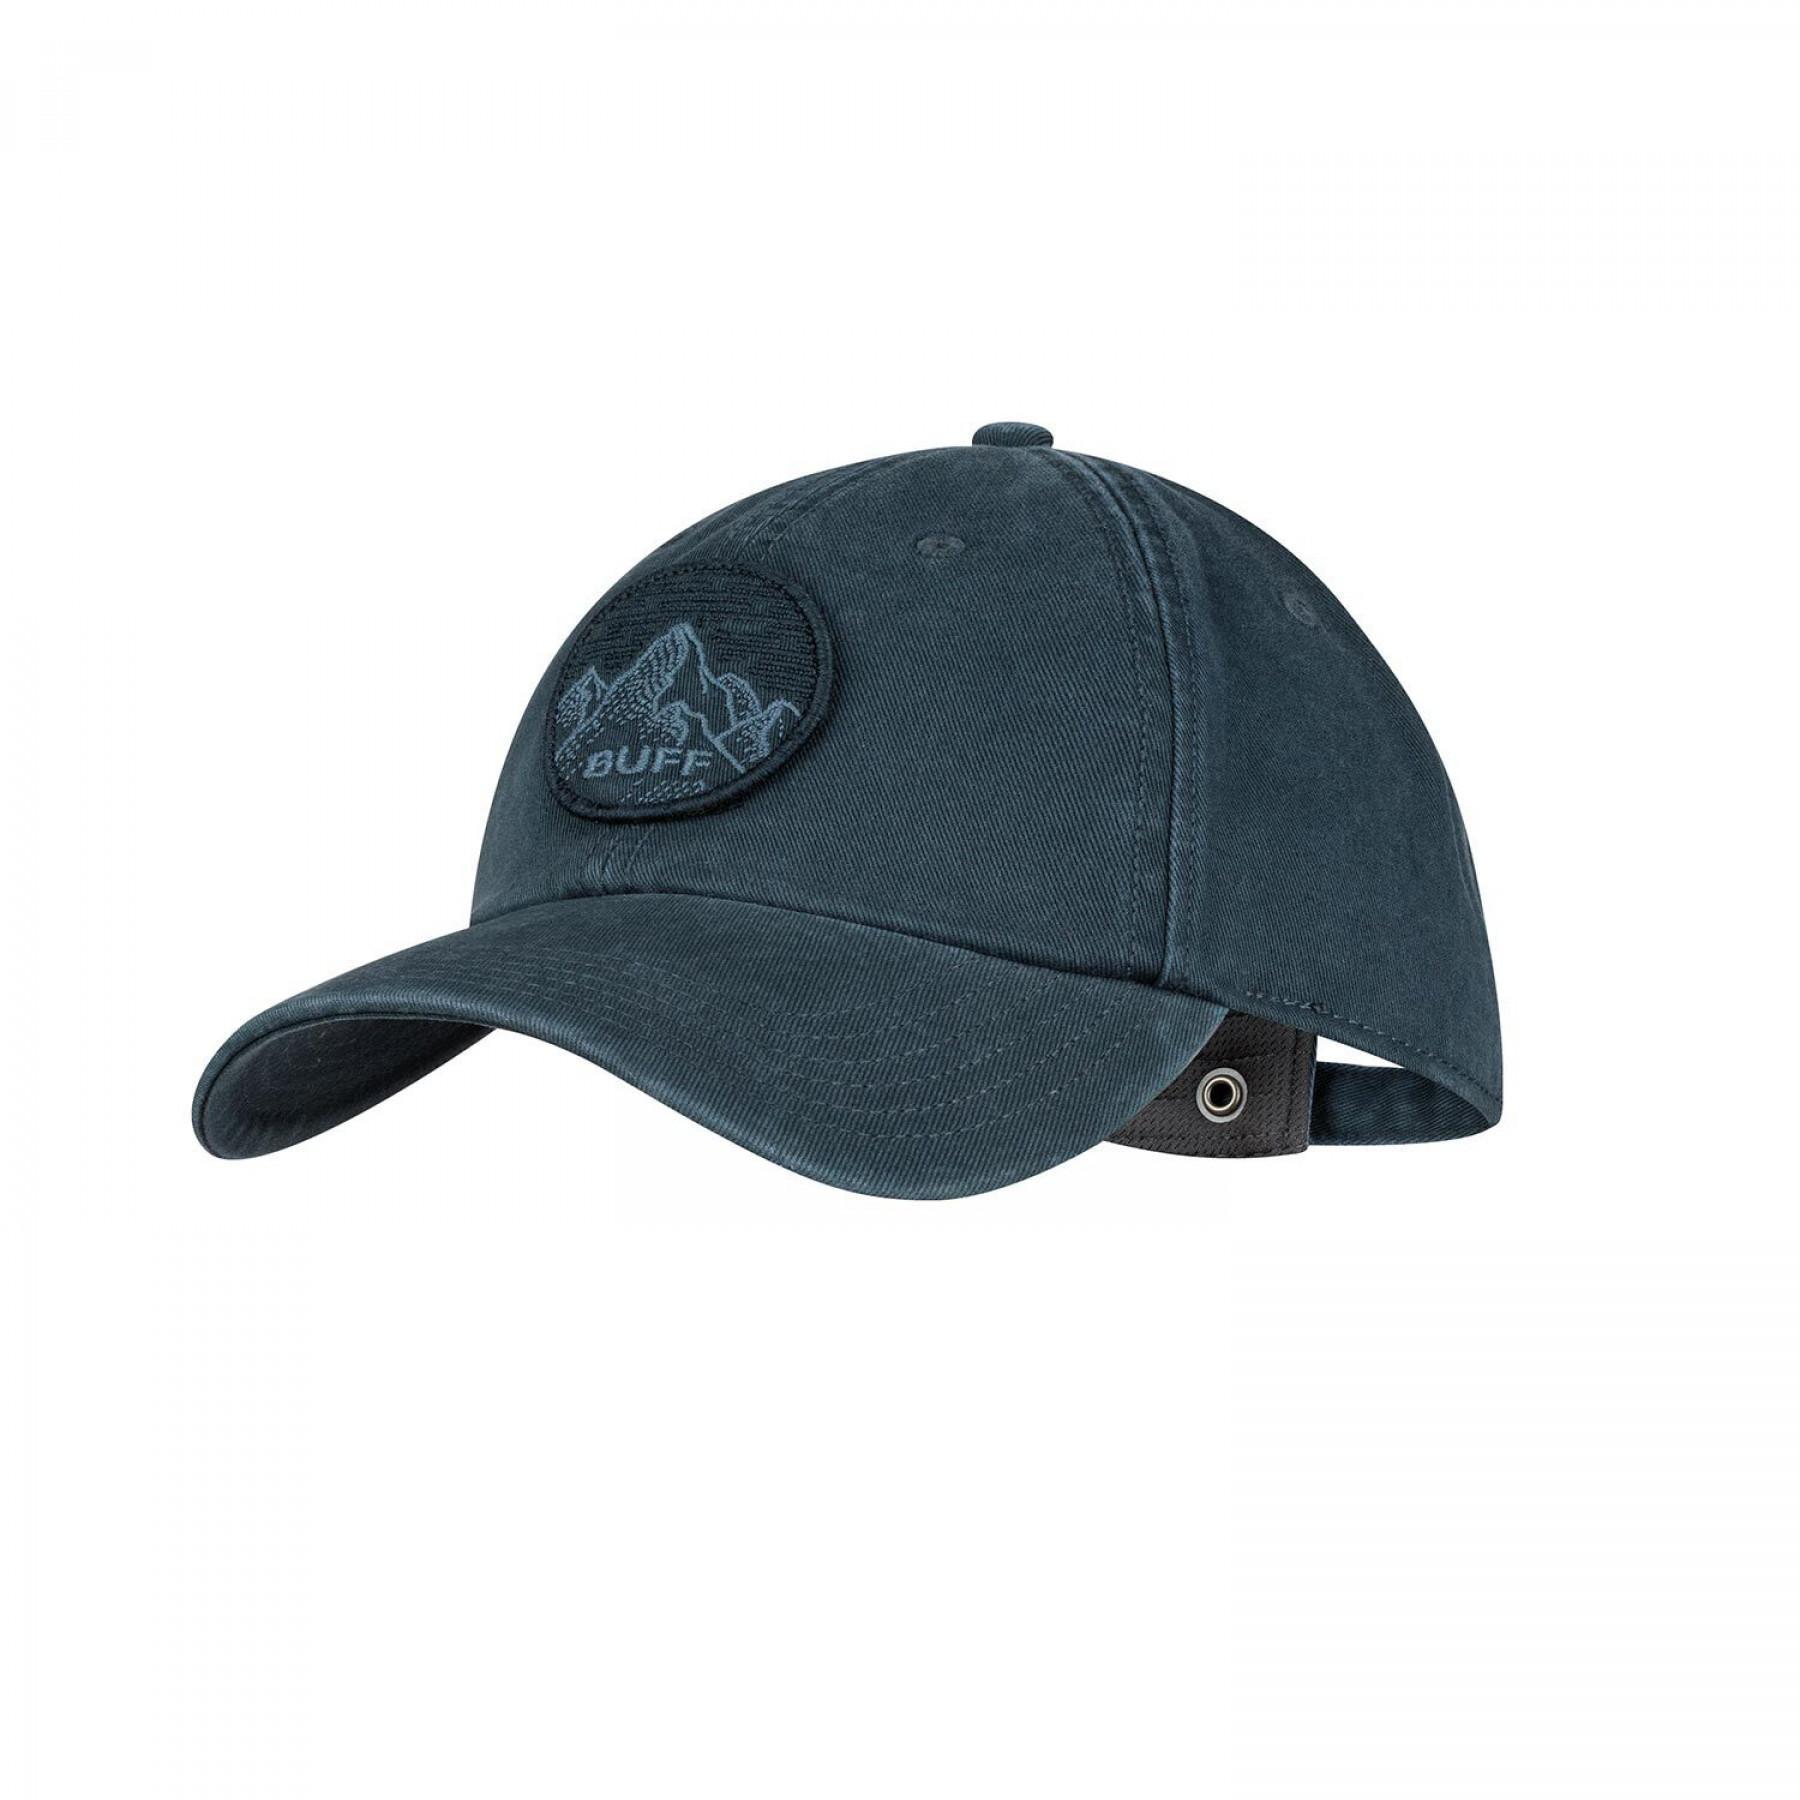 Baseball cap Buff noam dark grey